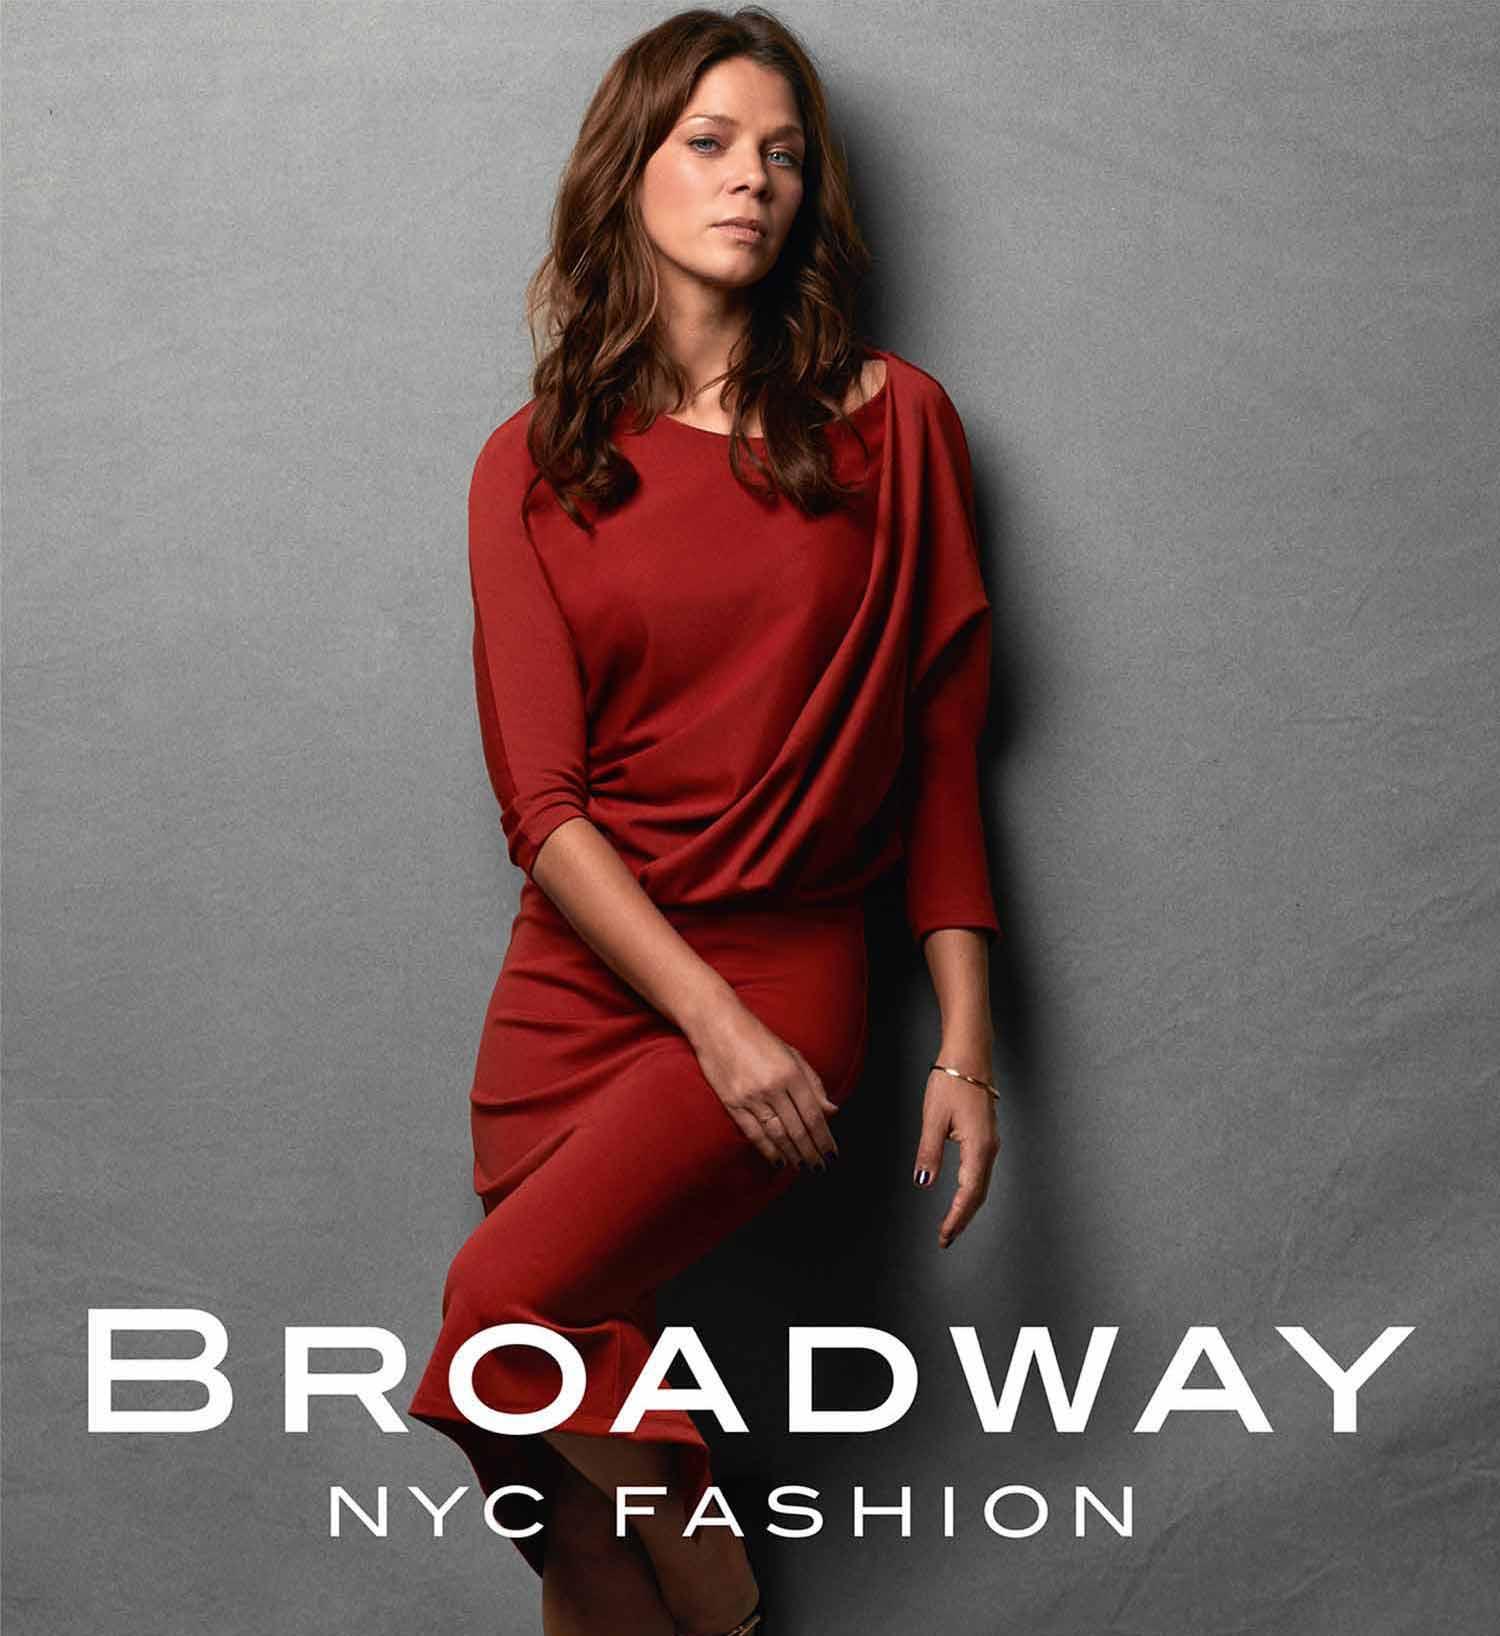 Broadway_Titel